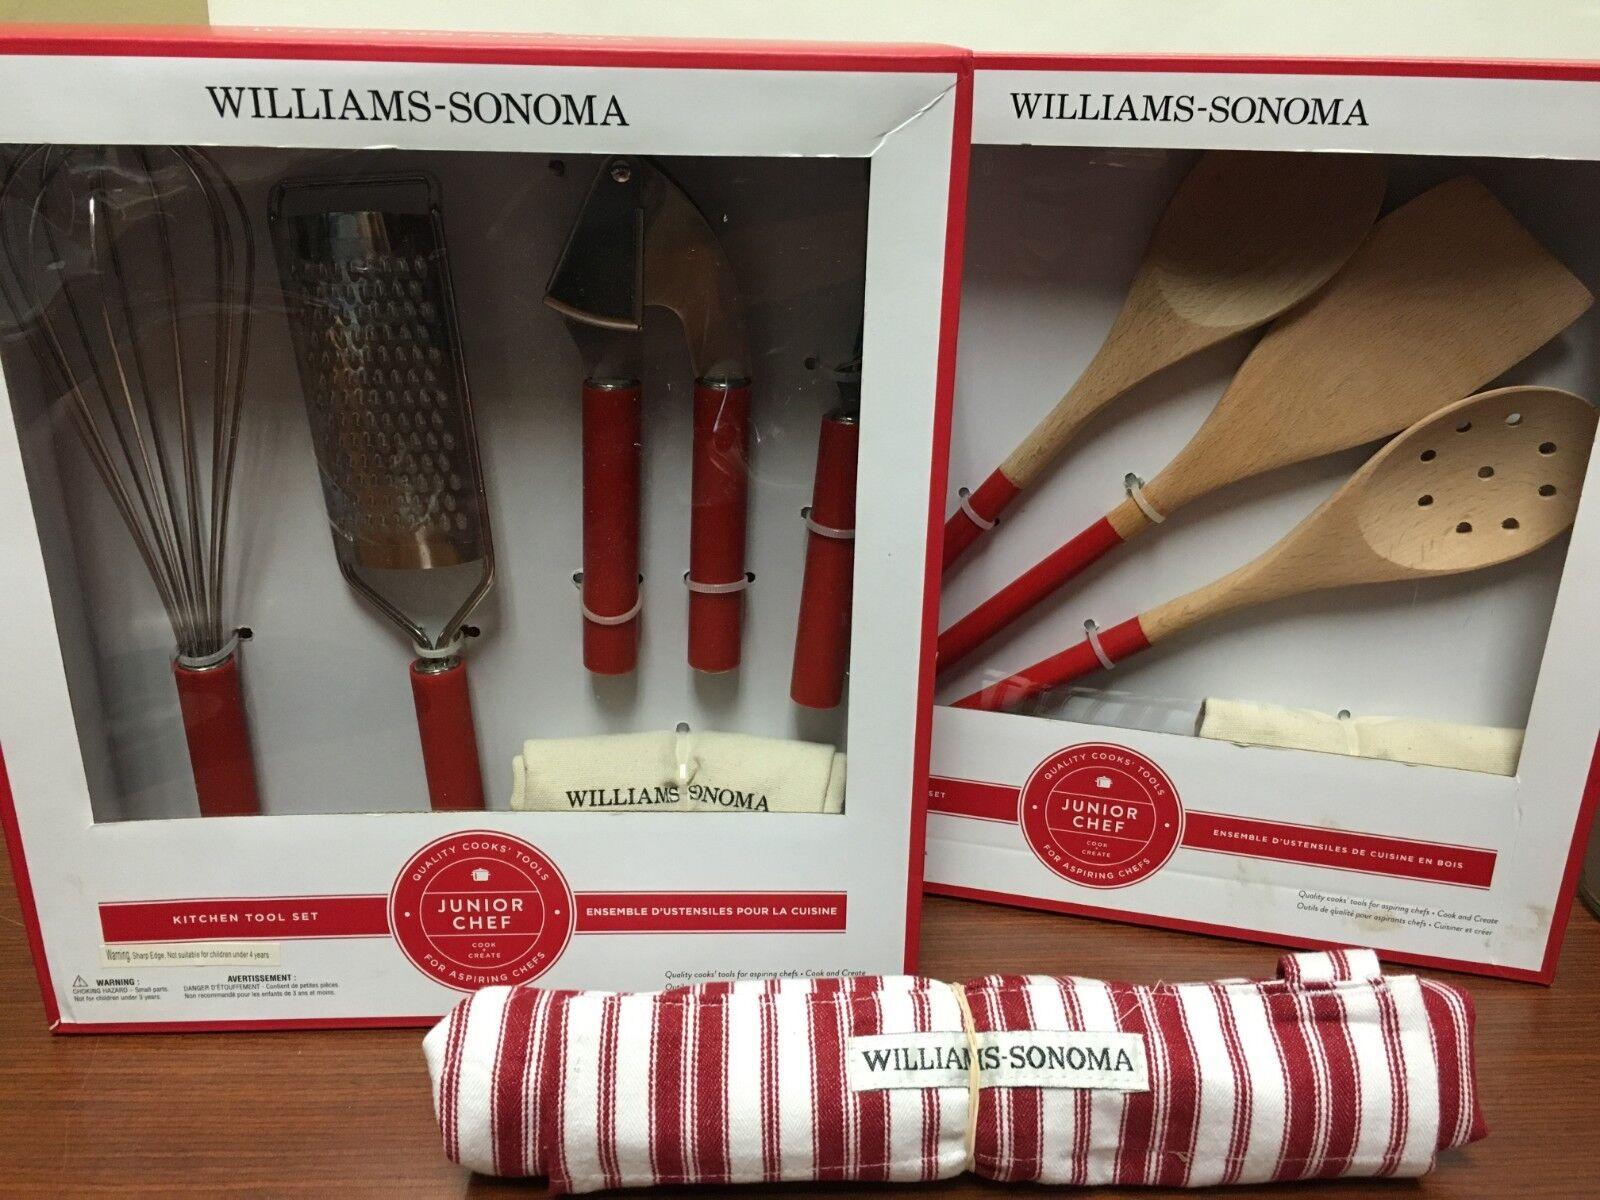 Nouveau 3 Williams-Sonoma Junior Chef Cuisine Gadget outil, Bois Ustensile sets & Tablier